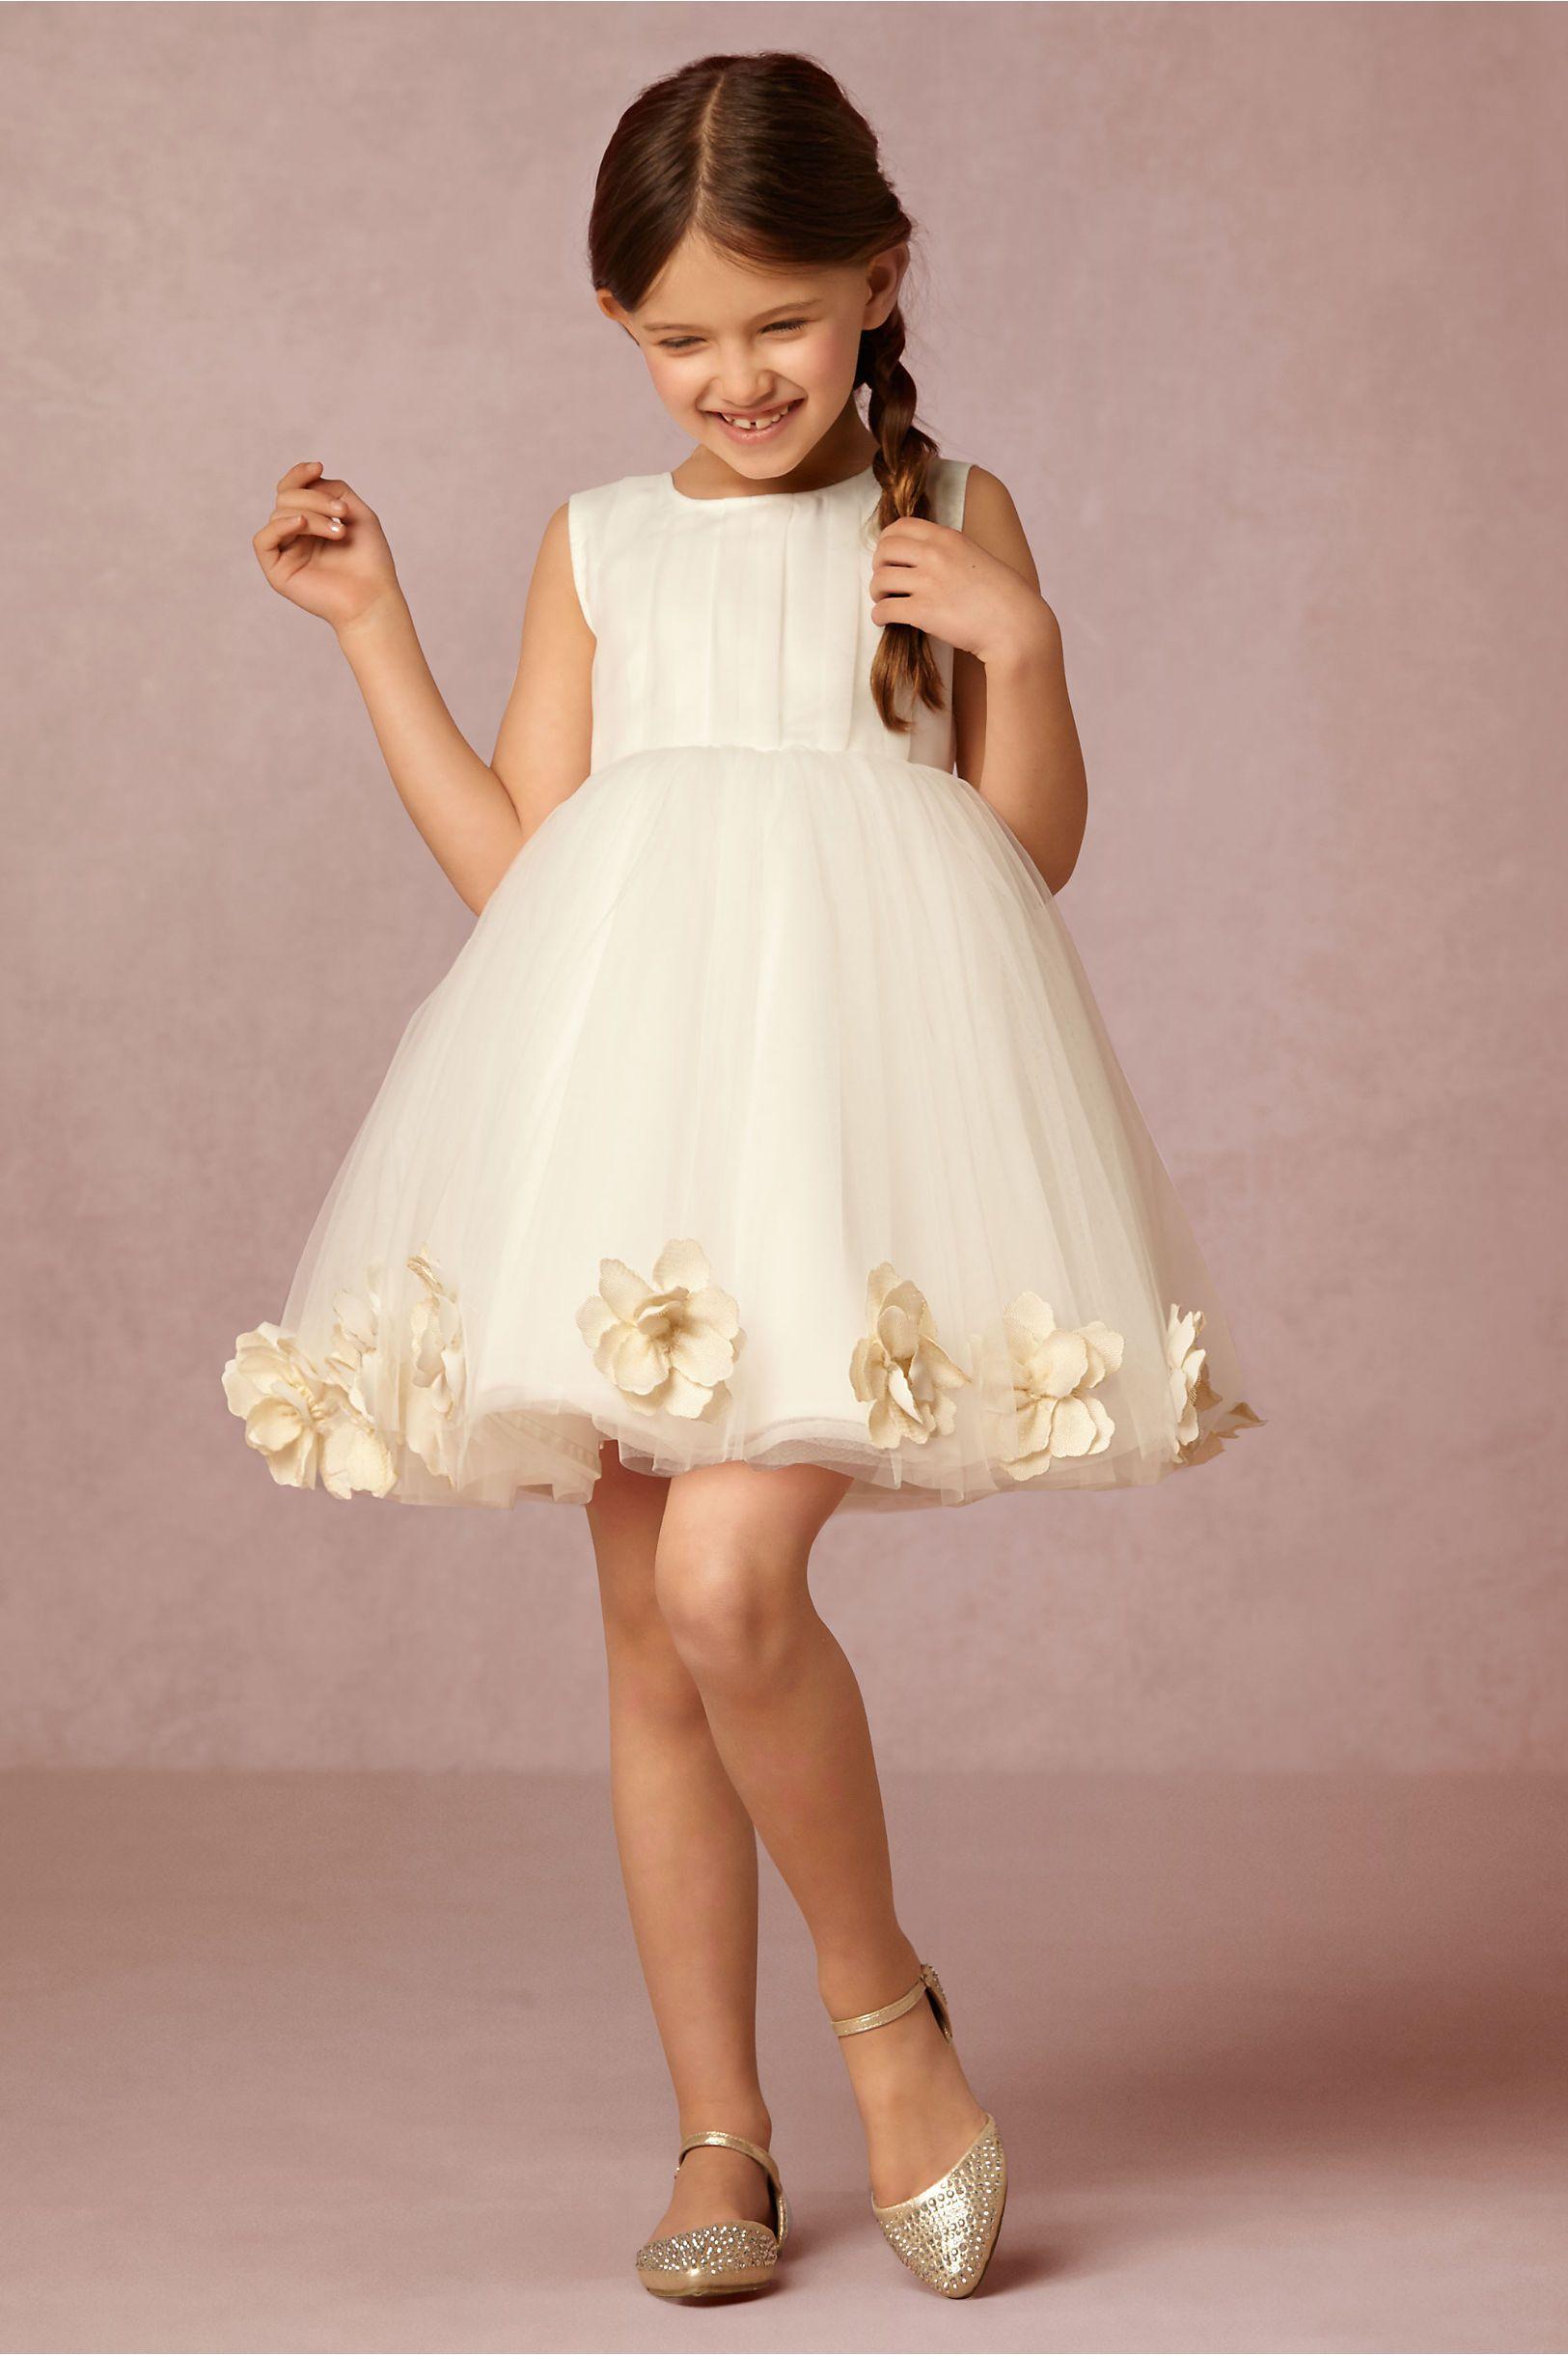 BHLDN Nellie Dress in  Dresses Flower Girl Dresses at BHLDN